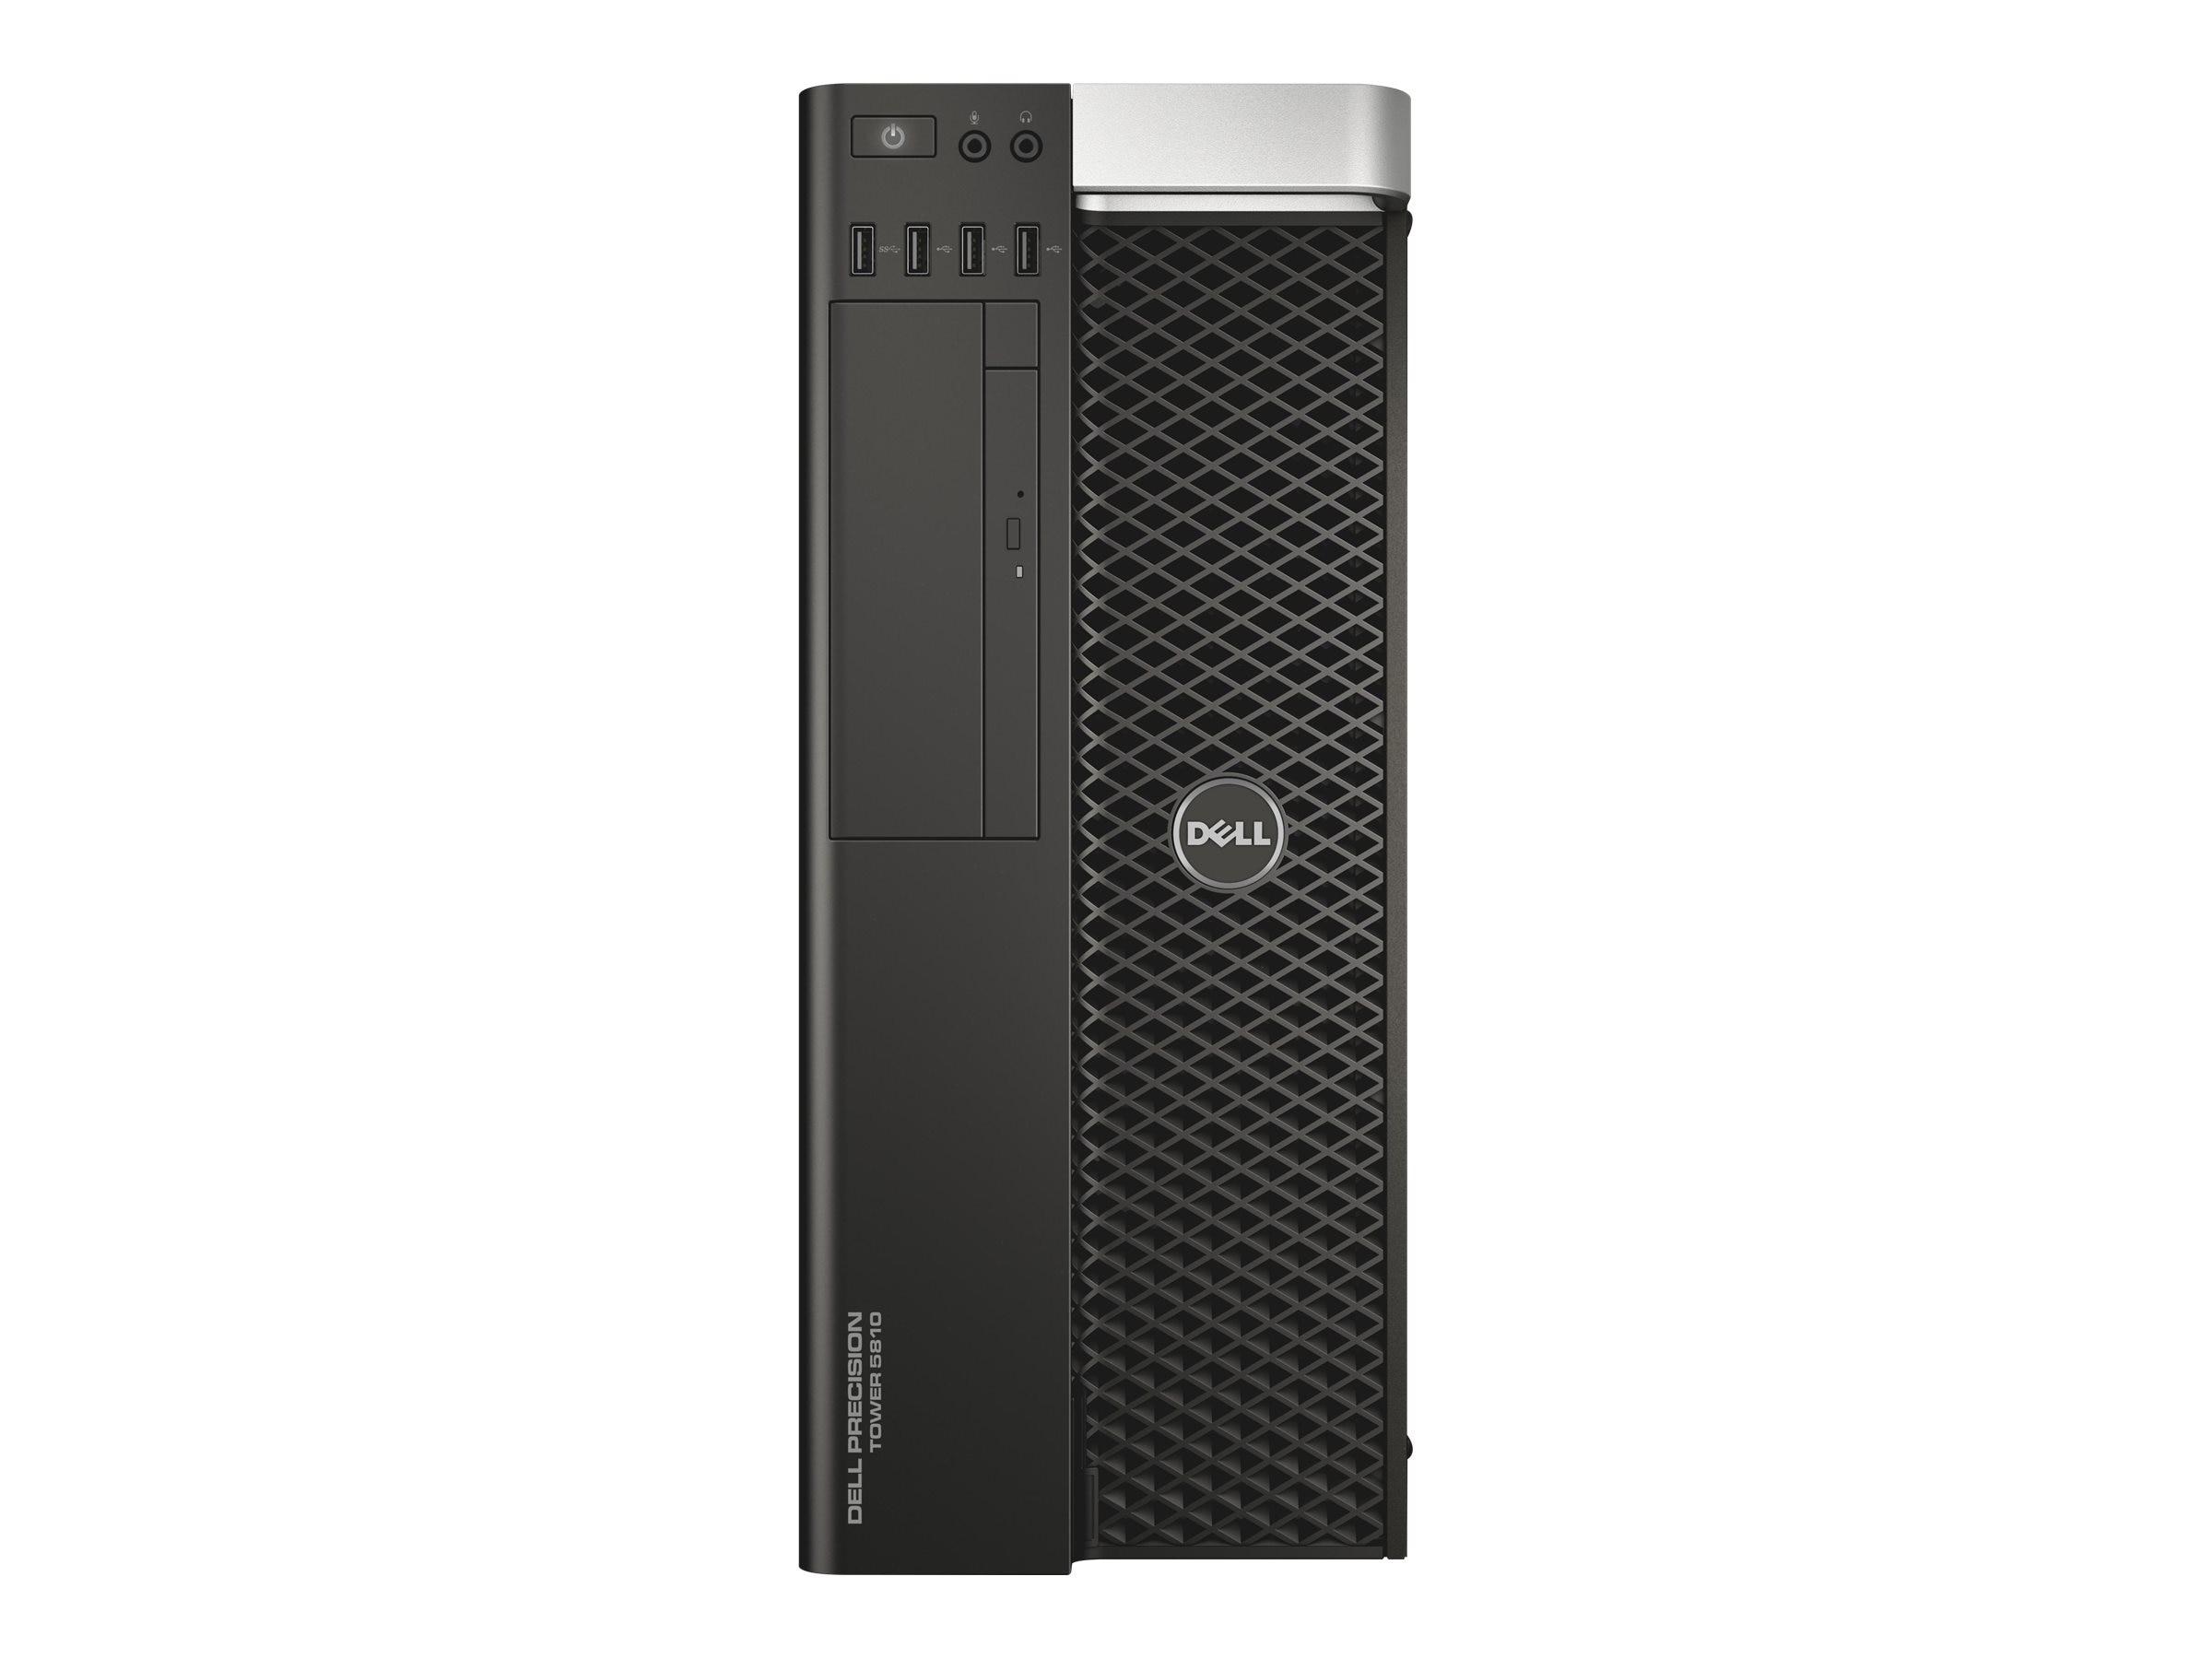 Dell 362YN Image 5